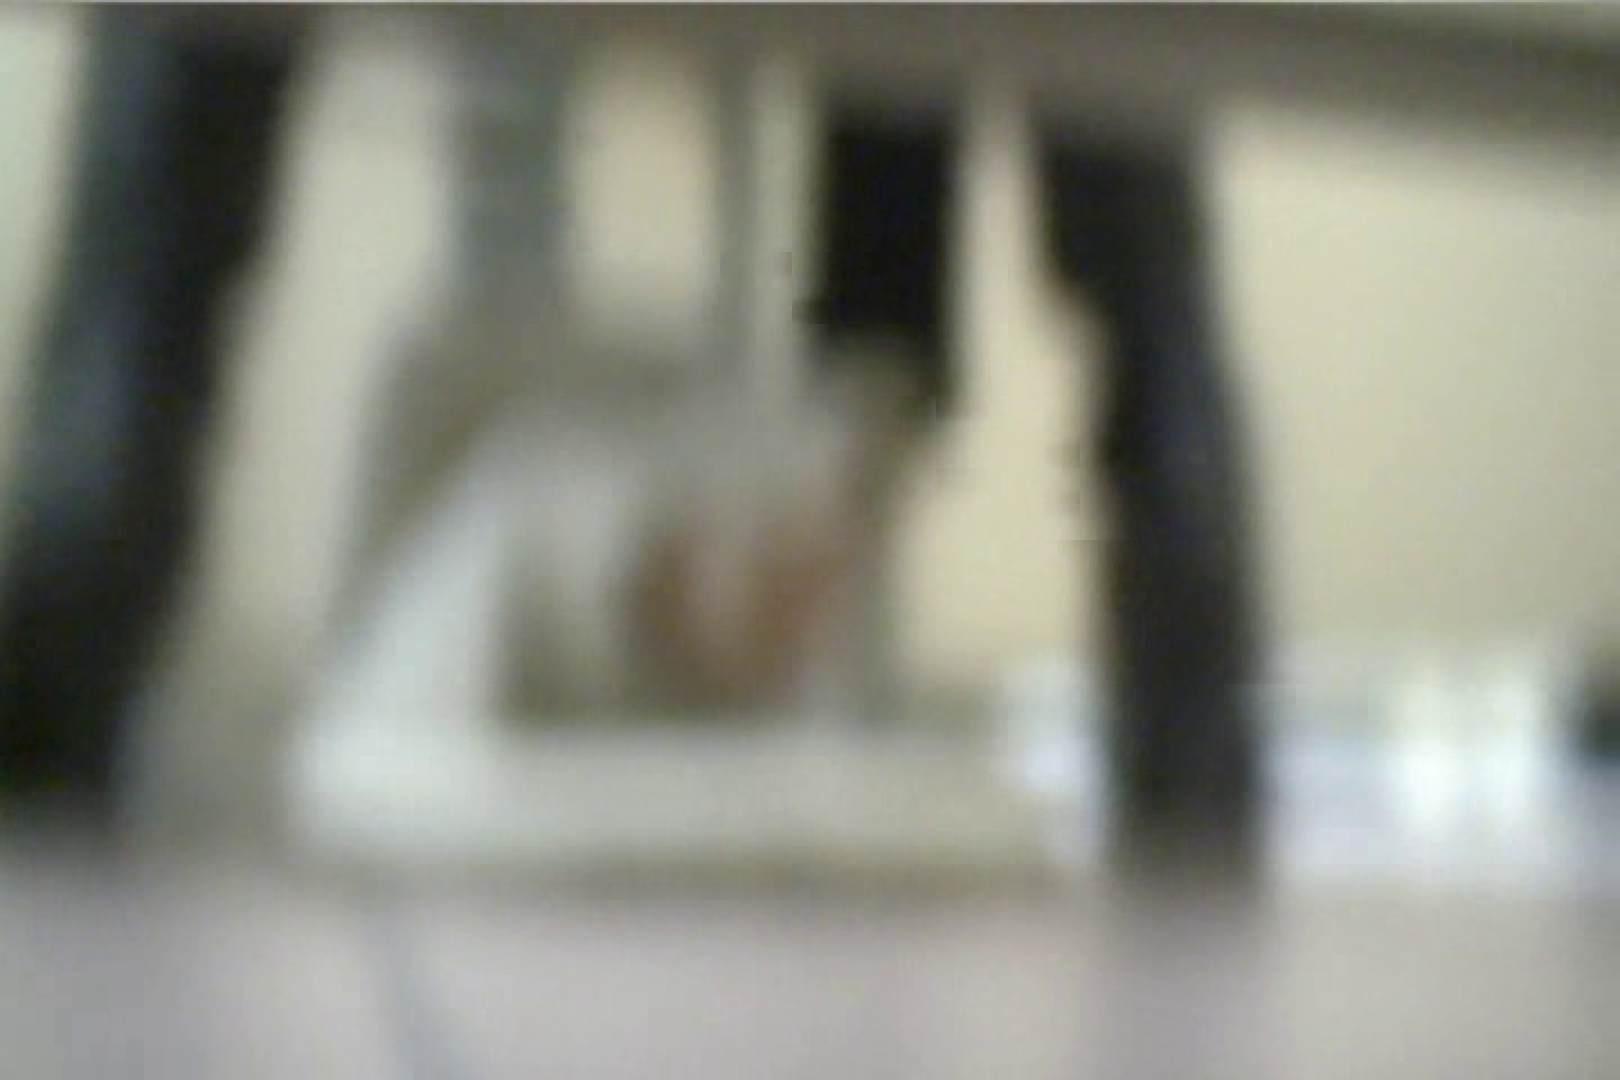 マンコ丸見え女子洗面所Vol.22 丸見えマンコ  60PIX 8